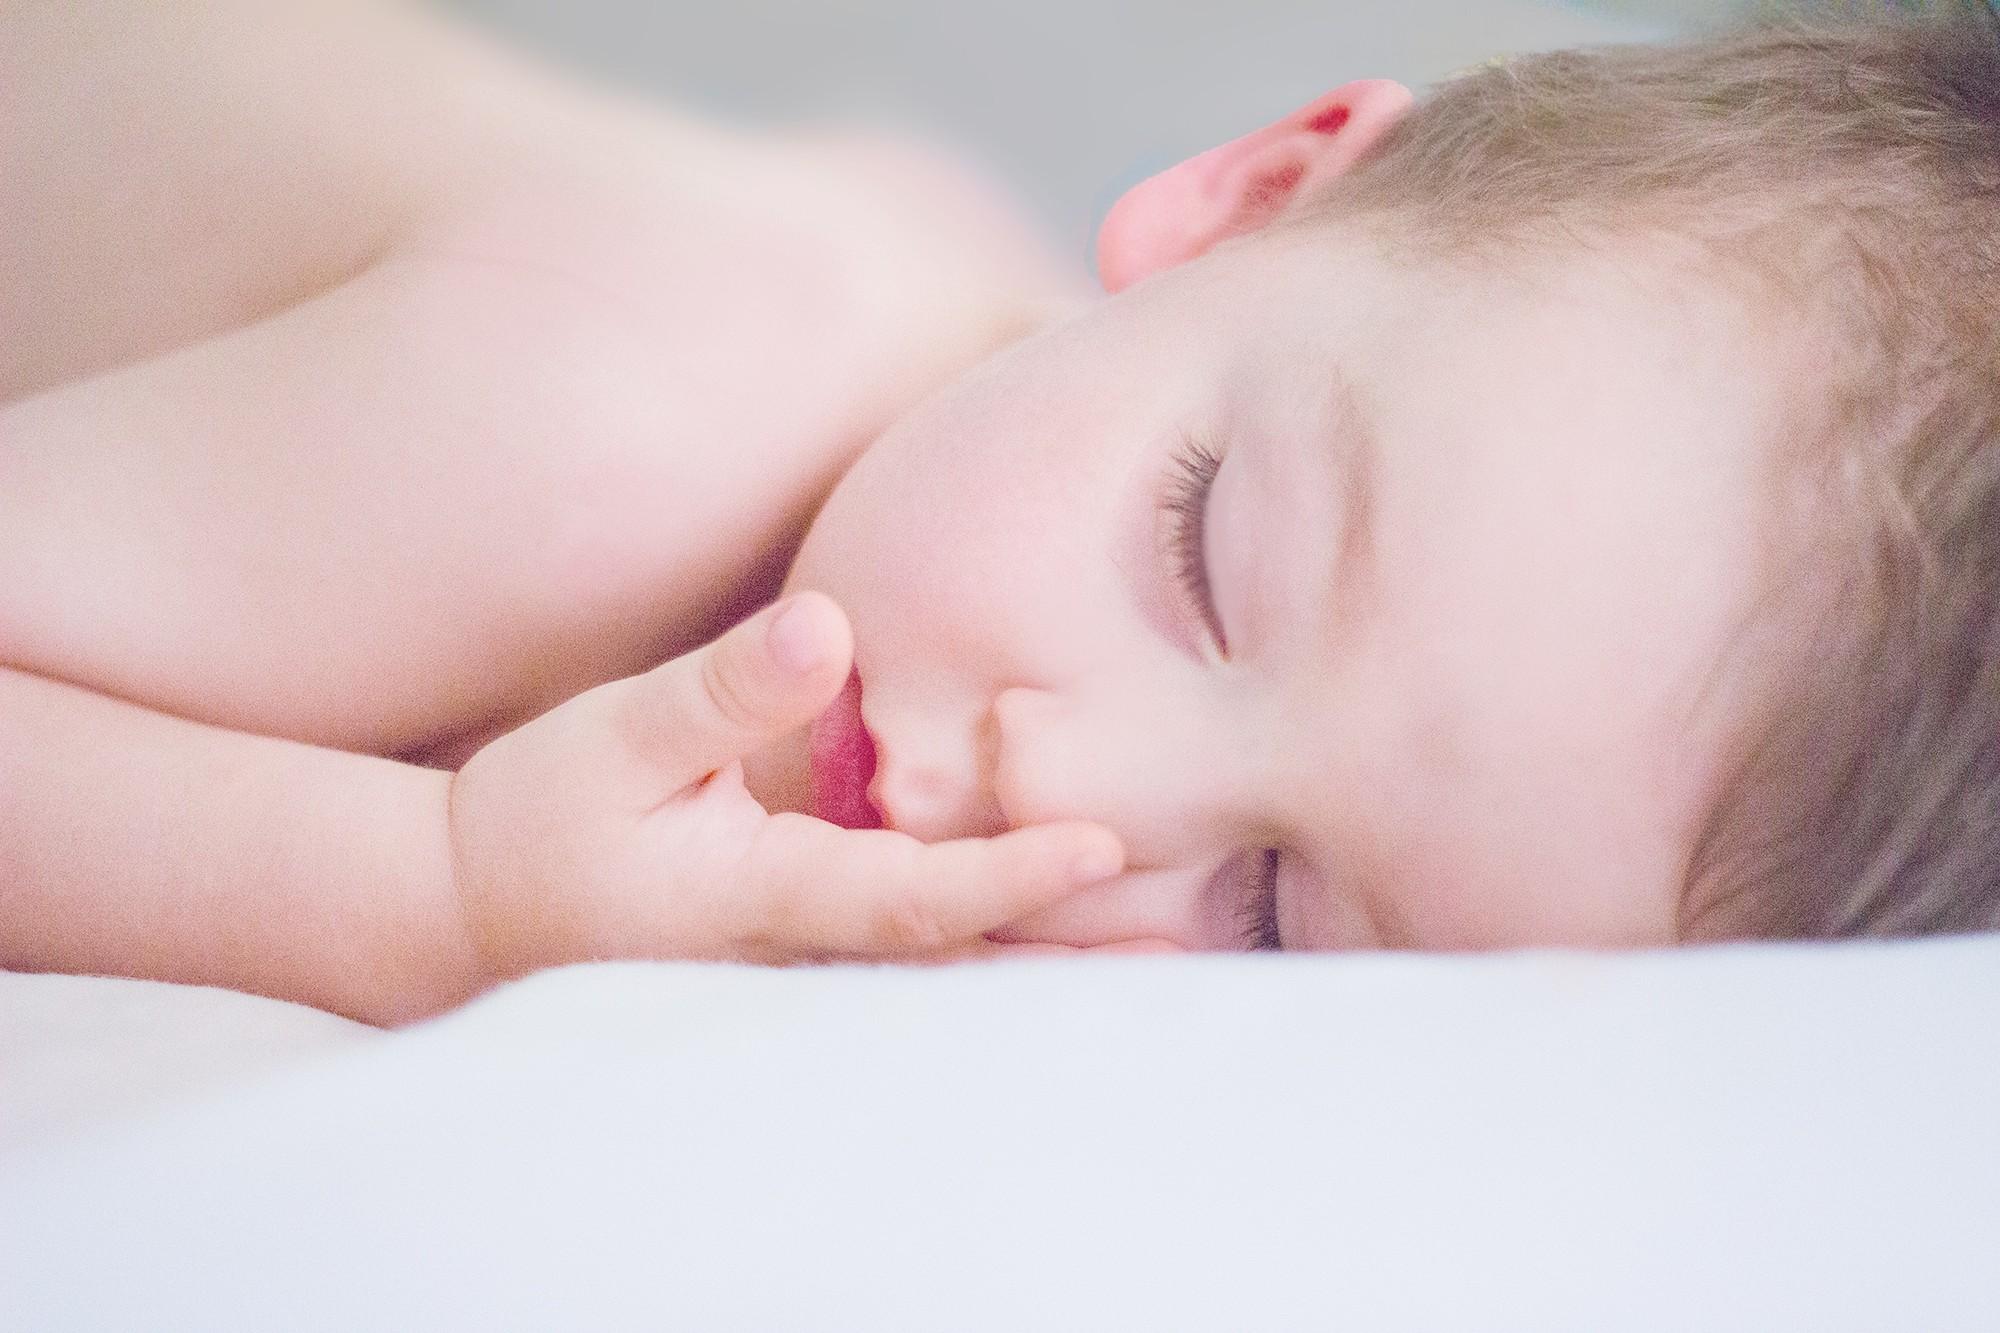 O máximo que pode acontecer é o bebê chorar (Foto: Pexels/ Studio 7042)